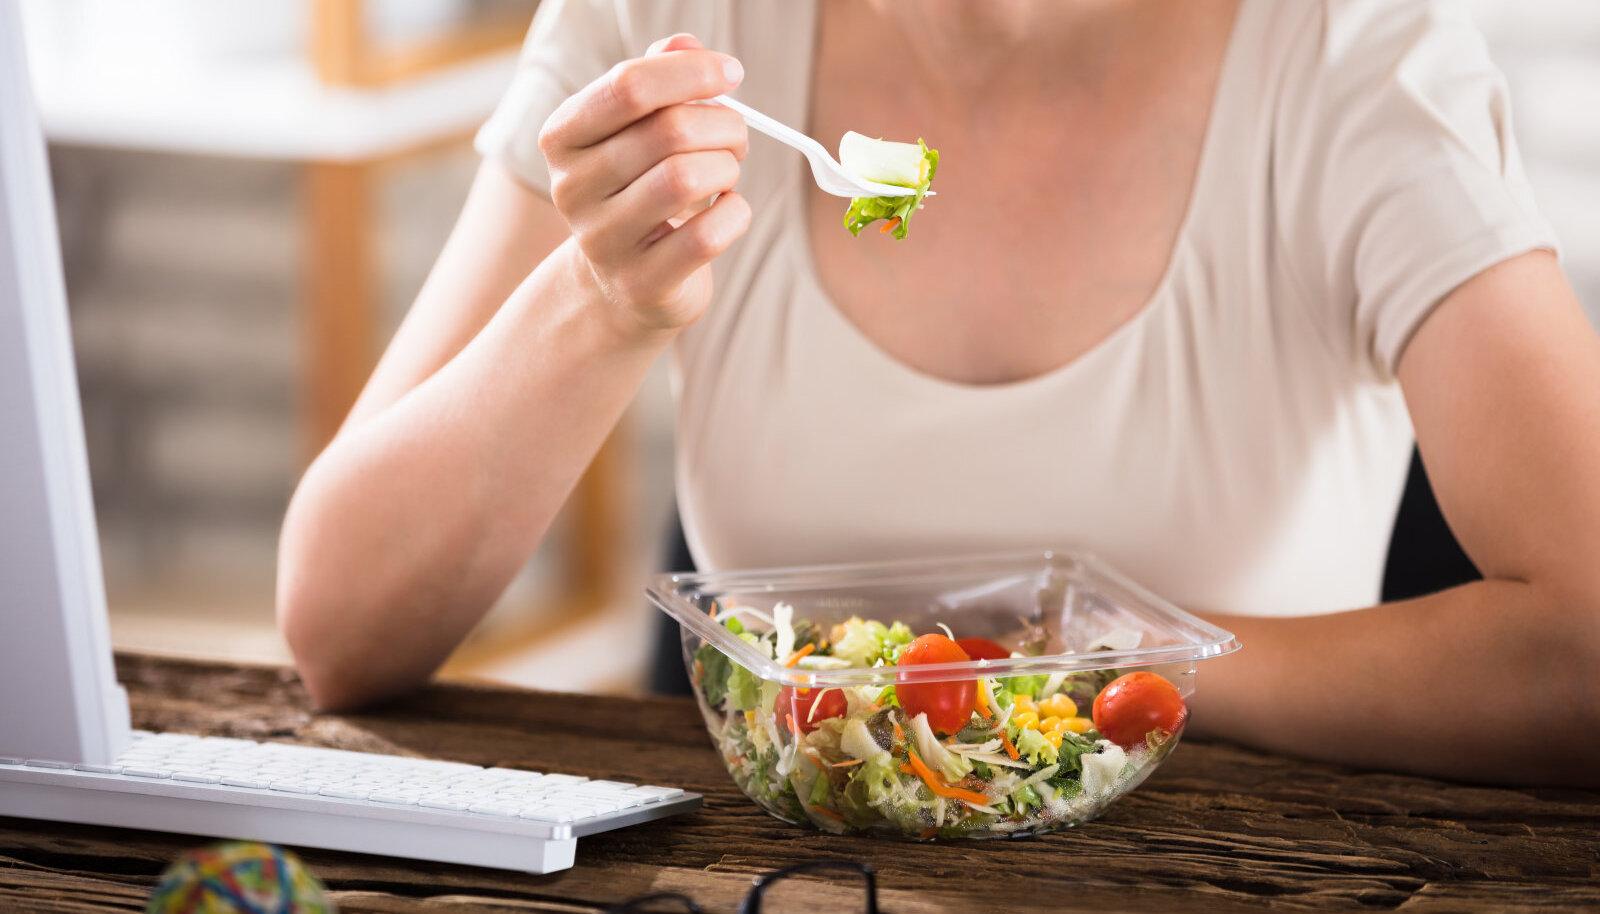 Kuidas suua toitu rasva poletamiseks